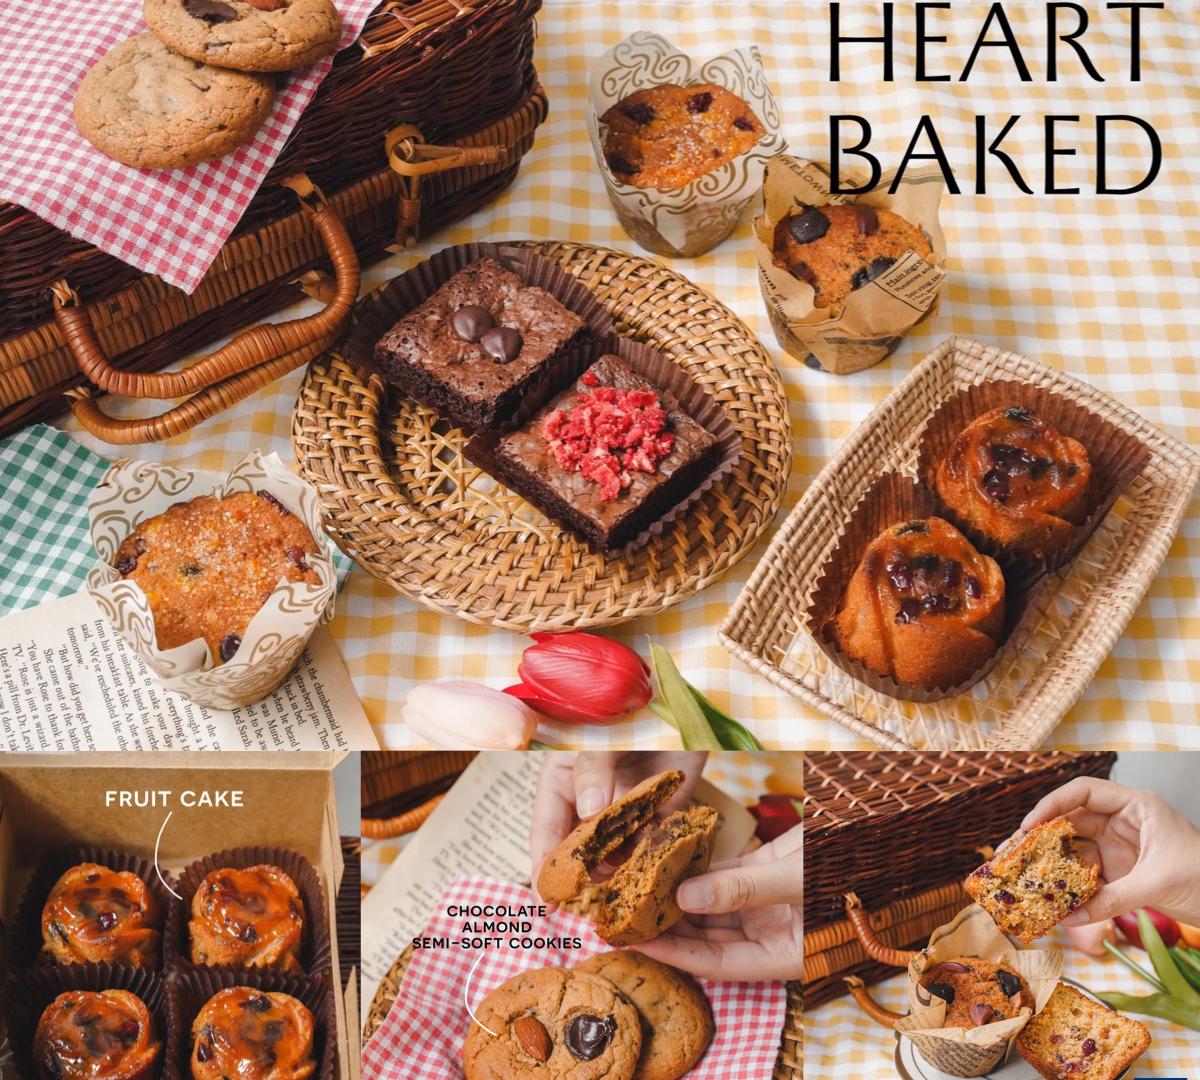 Heart-baked